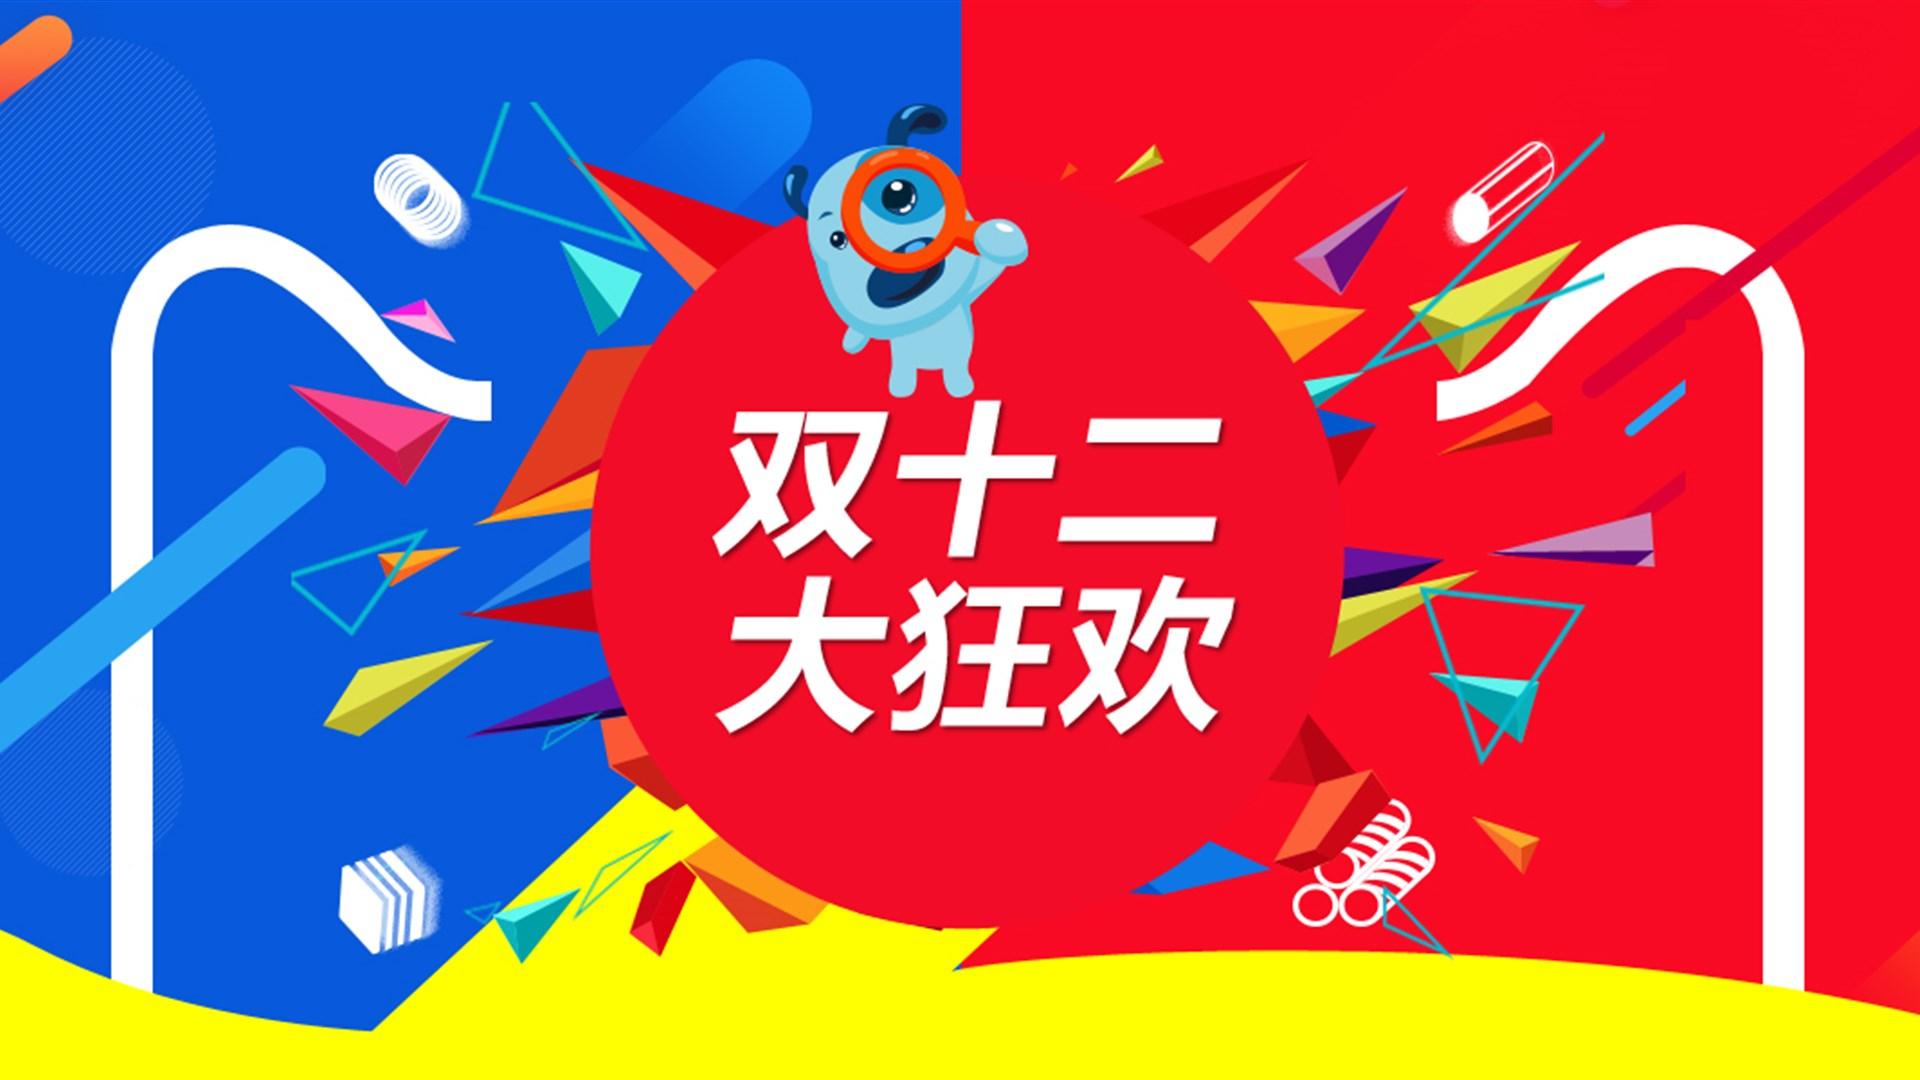 双十二购物狂欢节ppt背景图片下载_幻灯片模板免费下载